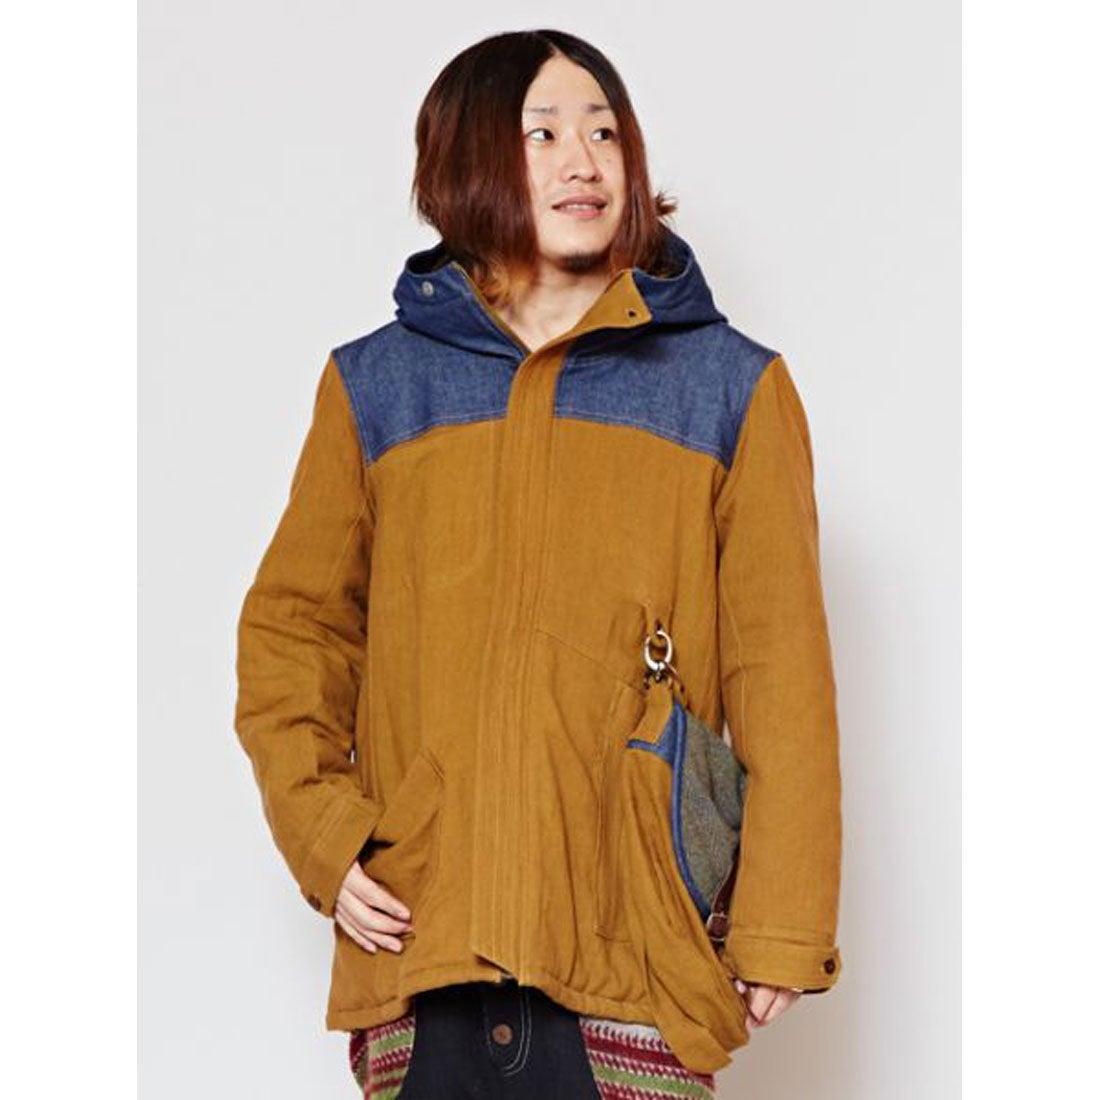 【チャイハネ】サイドバッグ付きMEN'Sフードジャケット ベージュ